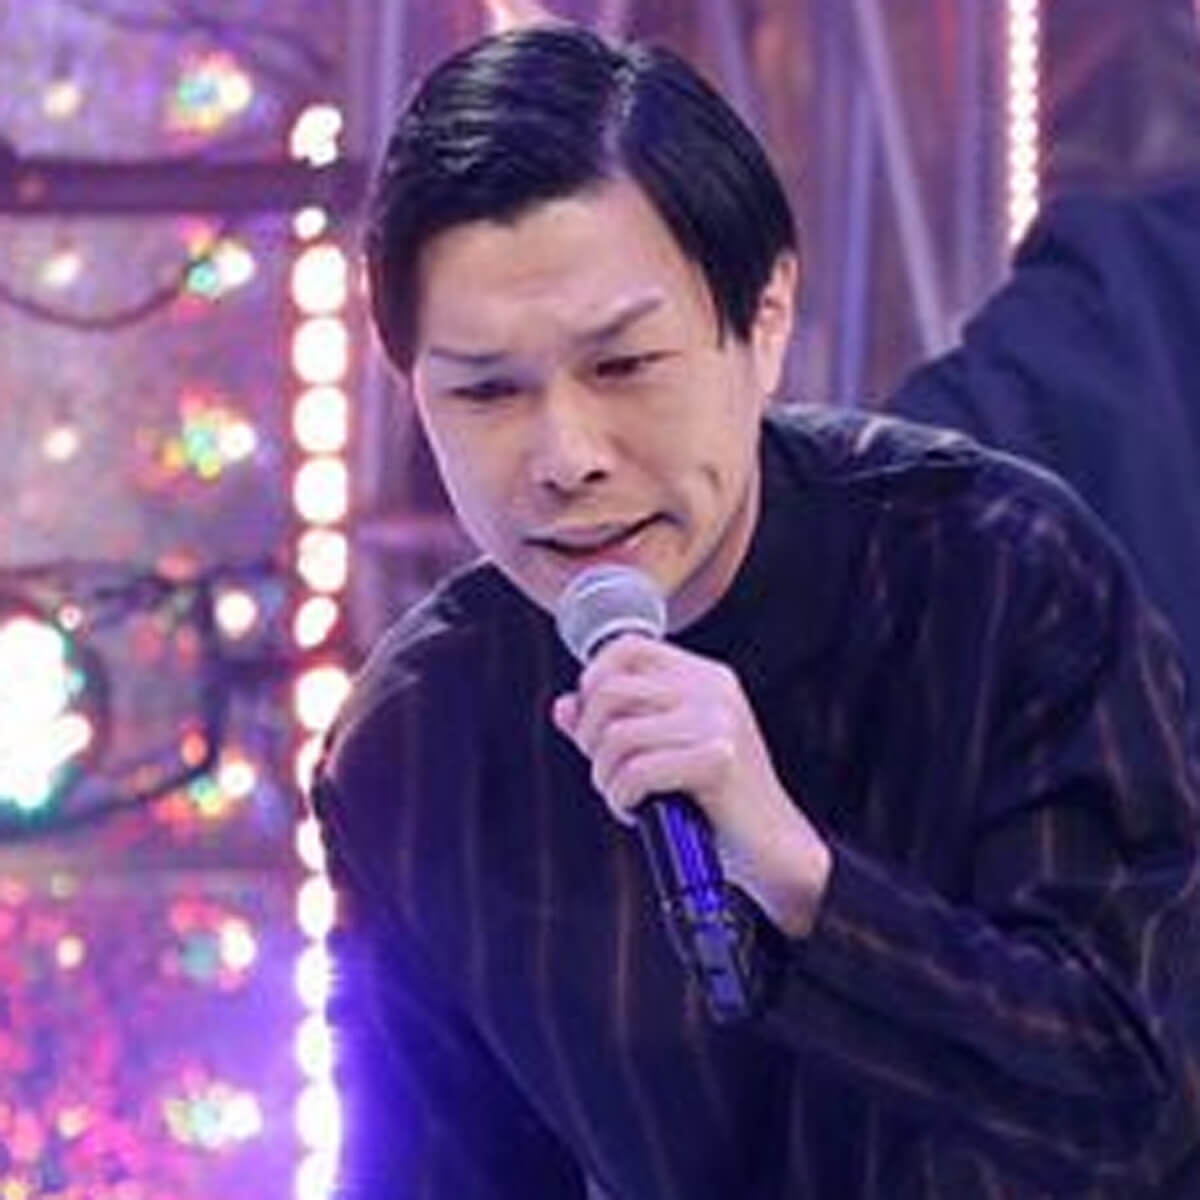 """ハライチ・岩井勇気の『M-1』批判に大反響! """"競技漫才""""の功罪とは?"""